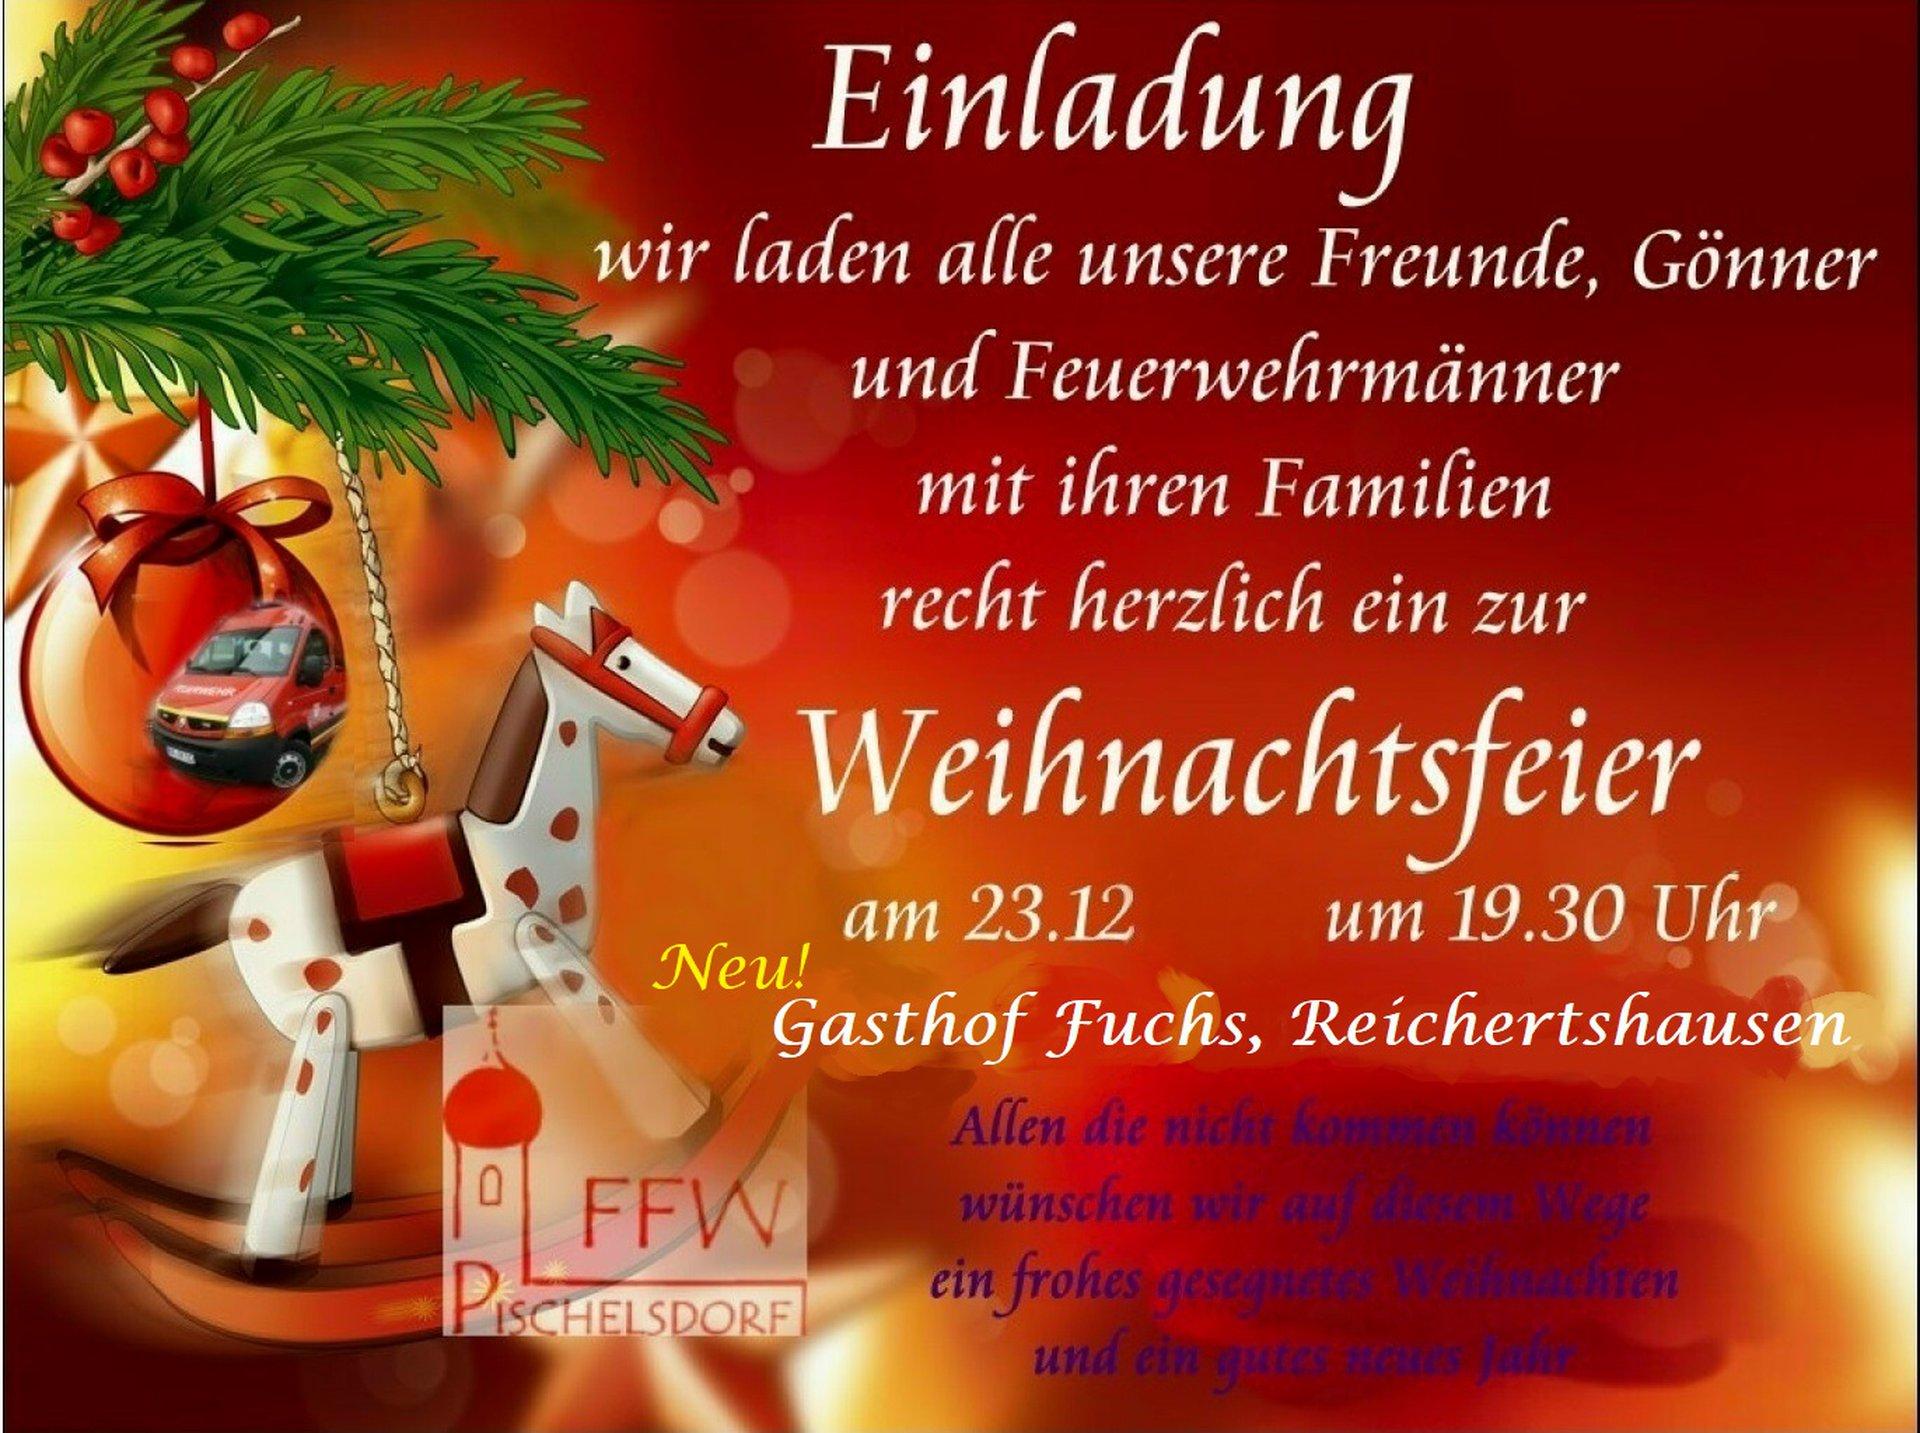 Einladung Zur Weihnachtsfeier.Ffw Pischelsdorf E V Einladung Zur Weihnachtsfeier